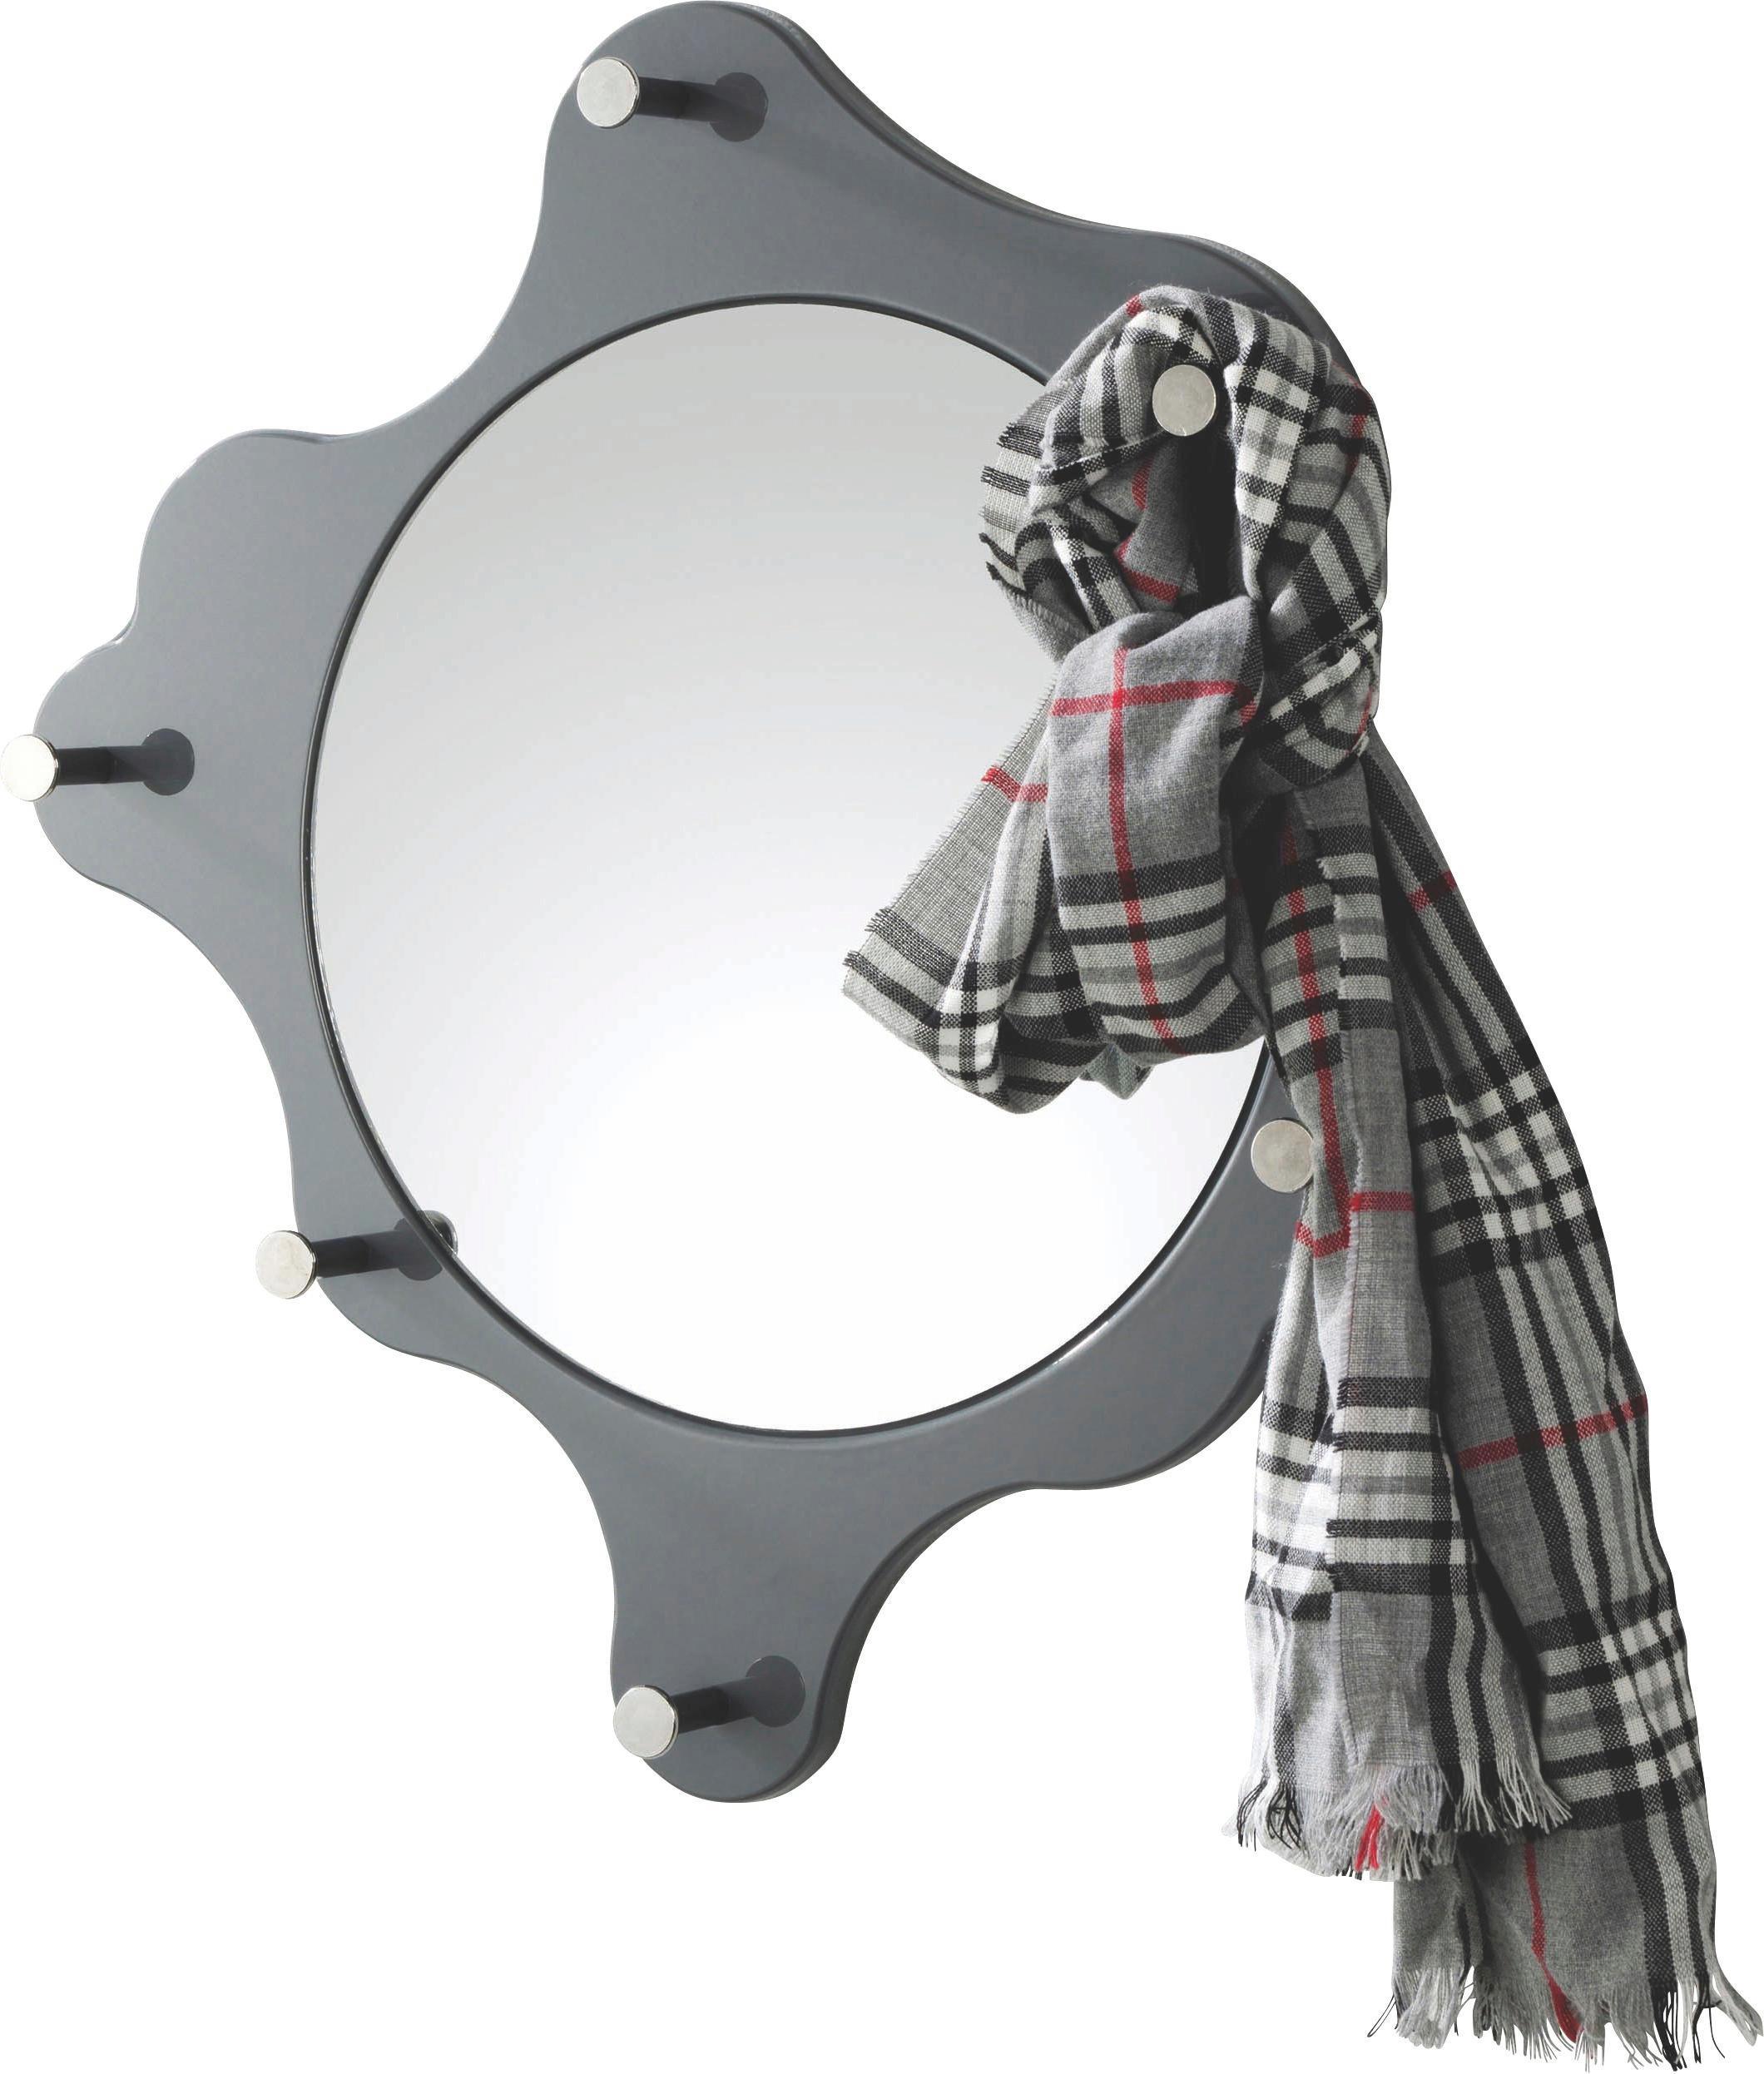 VJEŠALICA ZIDNA - siva, Design, drvo/metal (56cm) - BOXXX